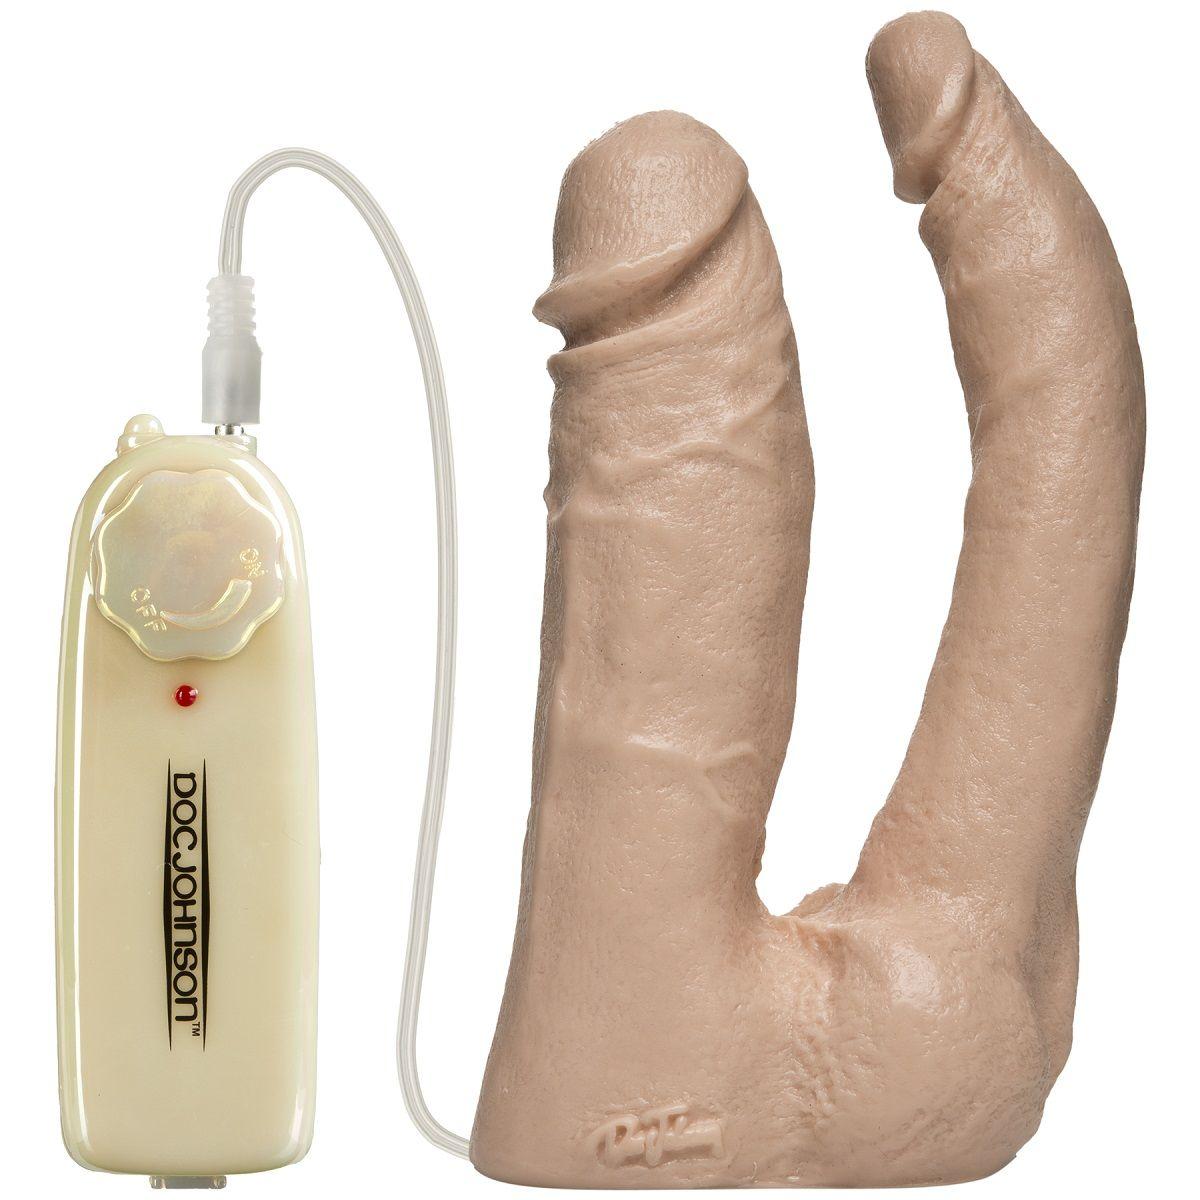 Анально-вагинальная вибронасадка Harness Vibro Double Penetrator - 16,7 см.